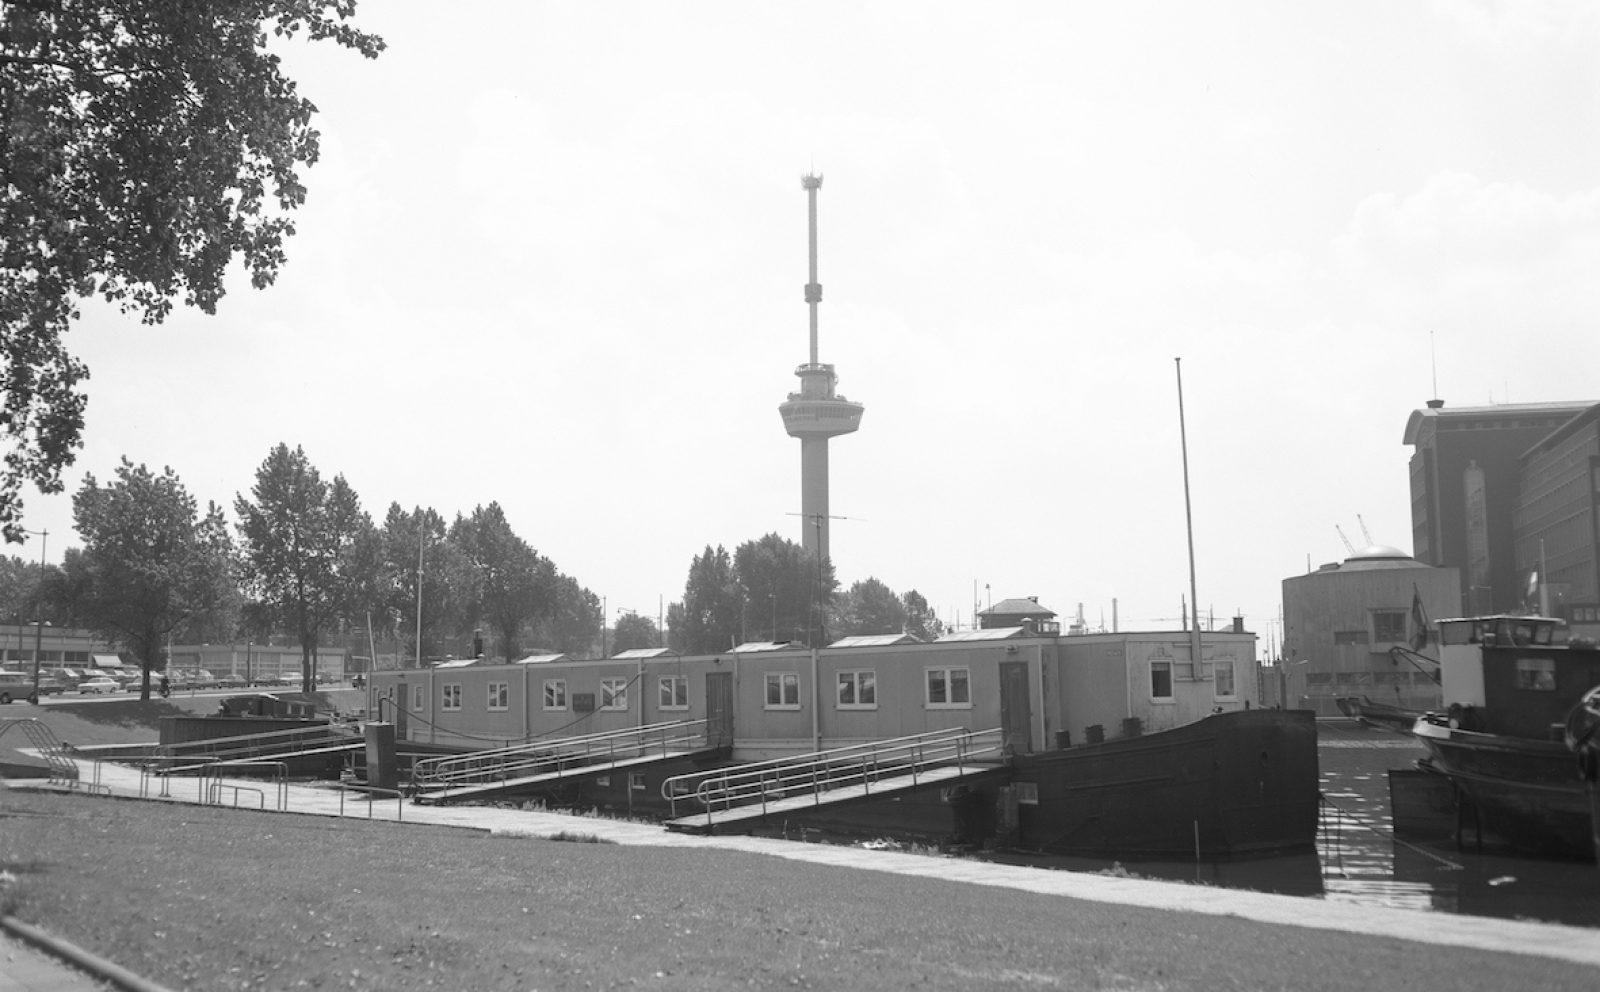 A 1972 schippersinternaat NL Rt SA 4121 12846 3 01 AG